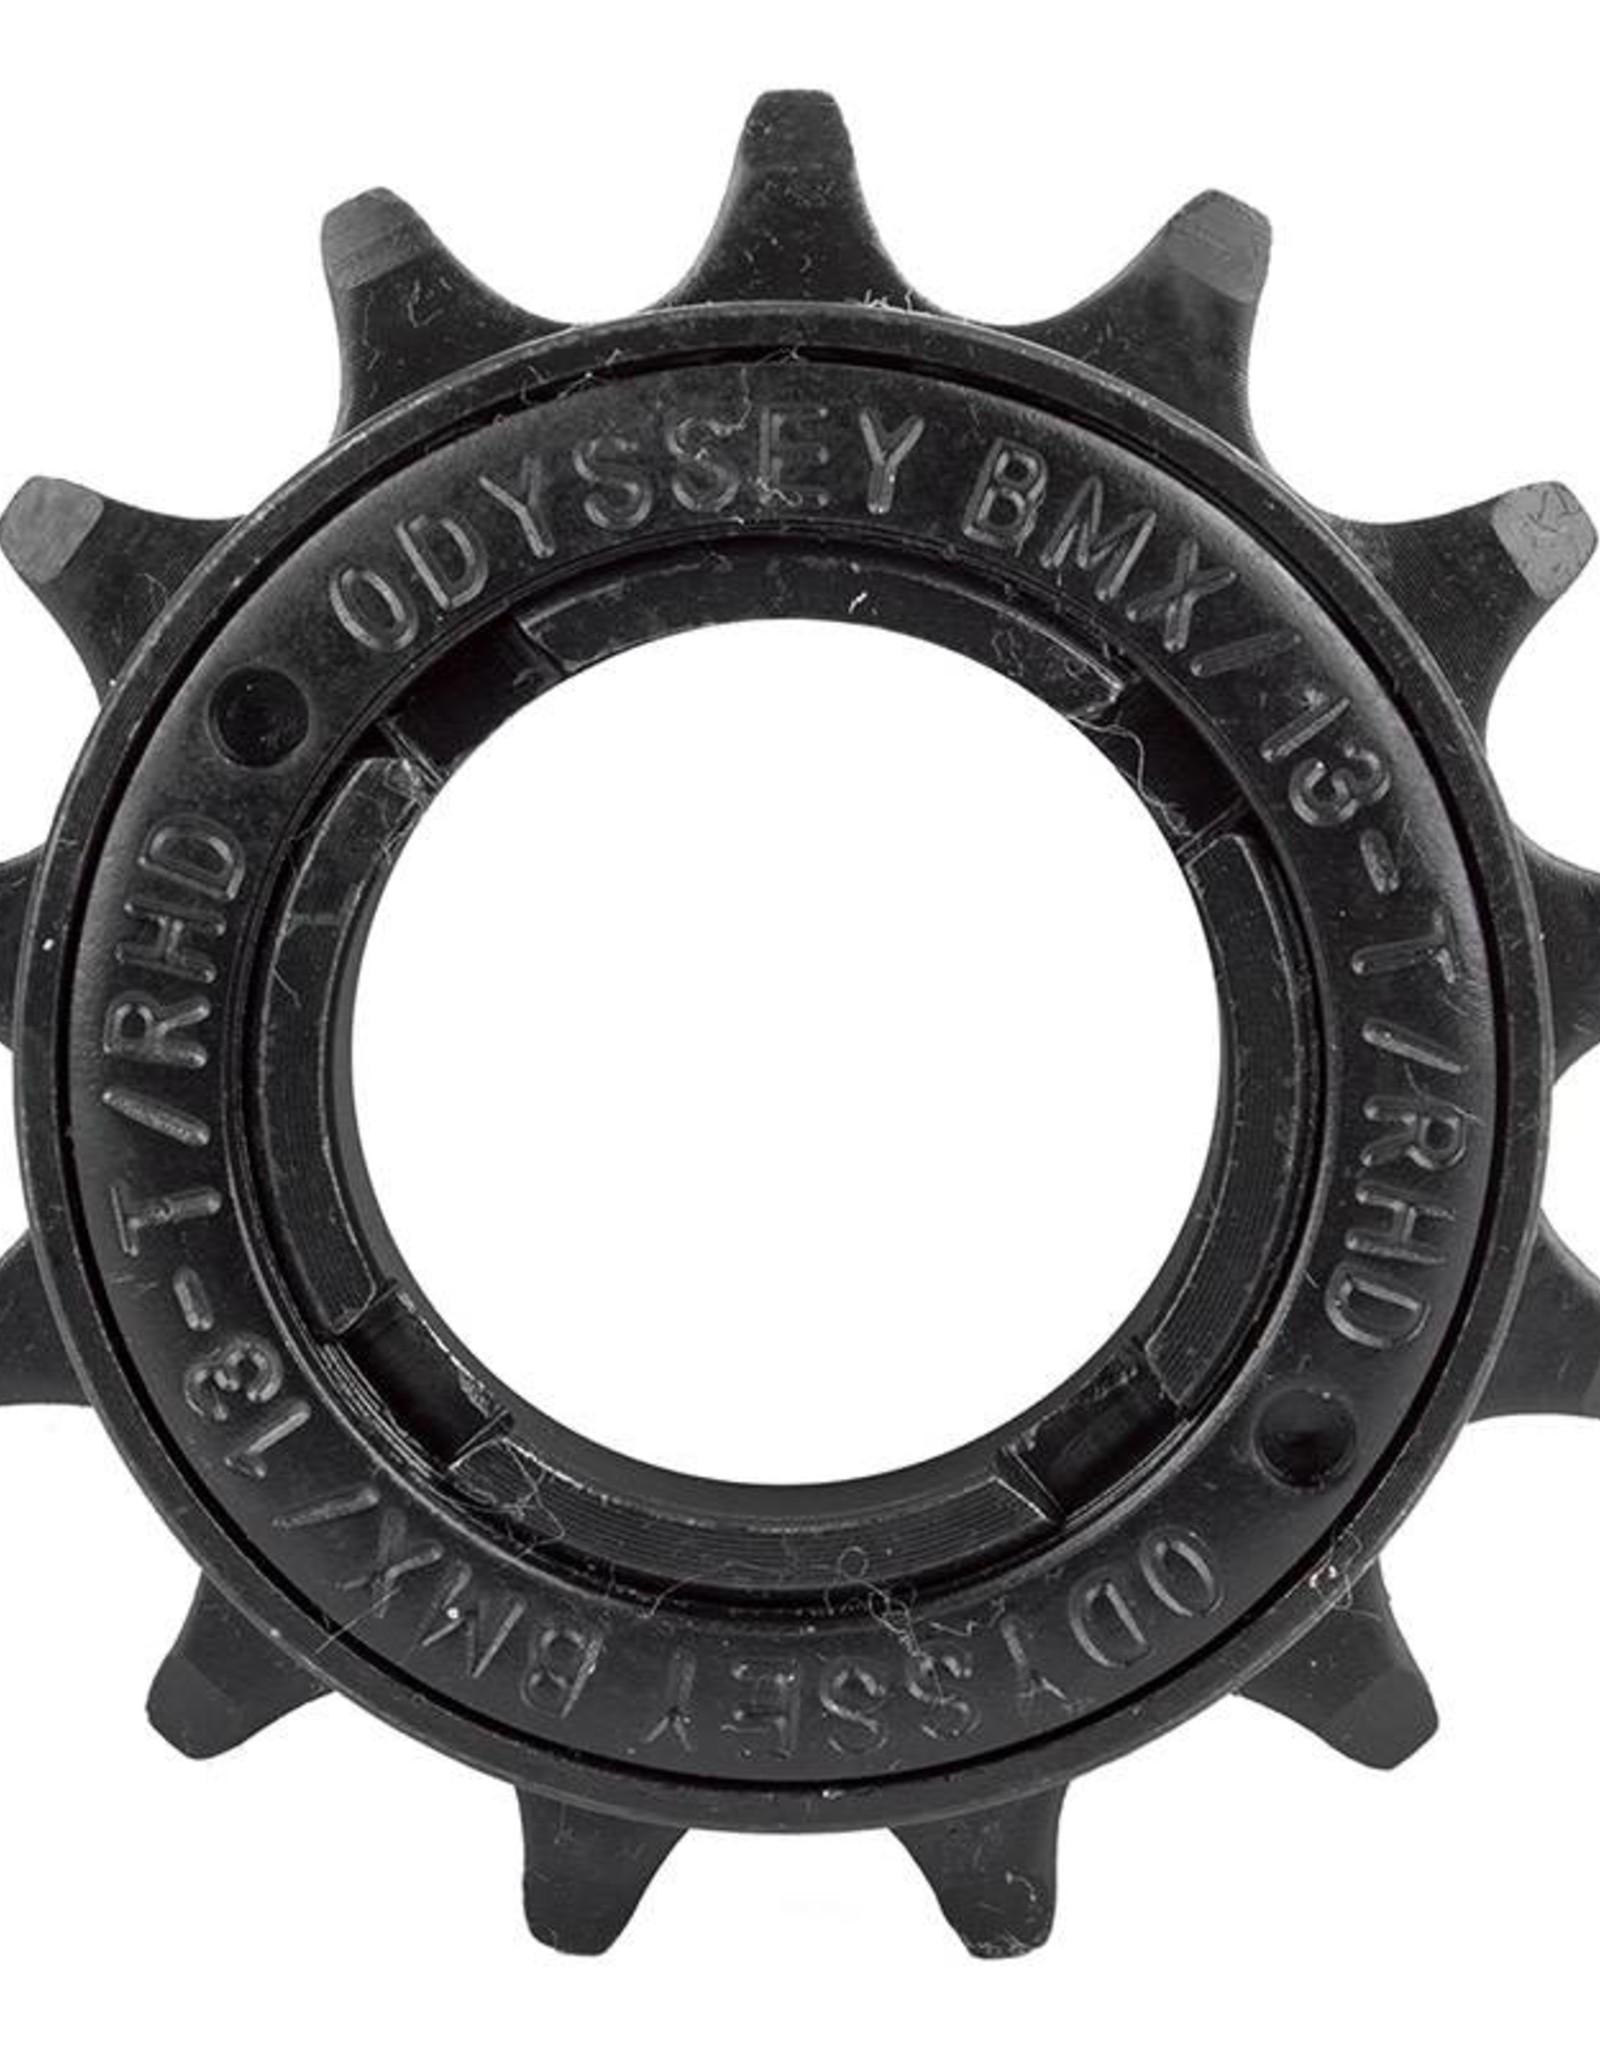 Odyssey Odyssey 13t Freewheel Black